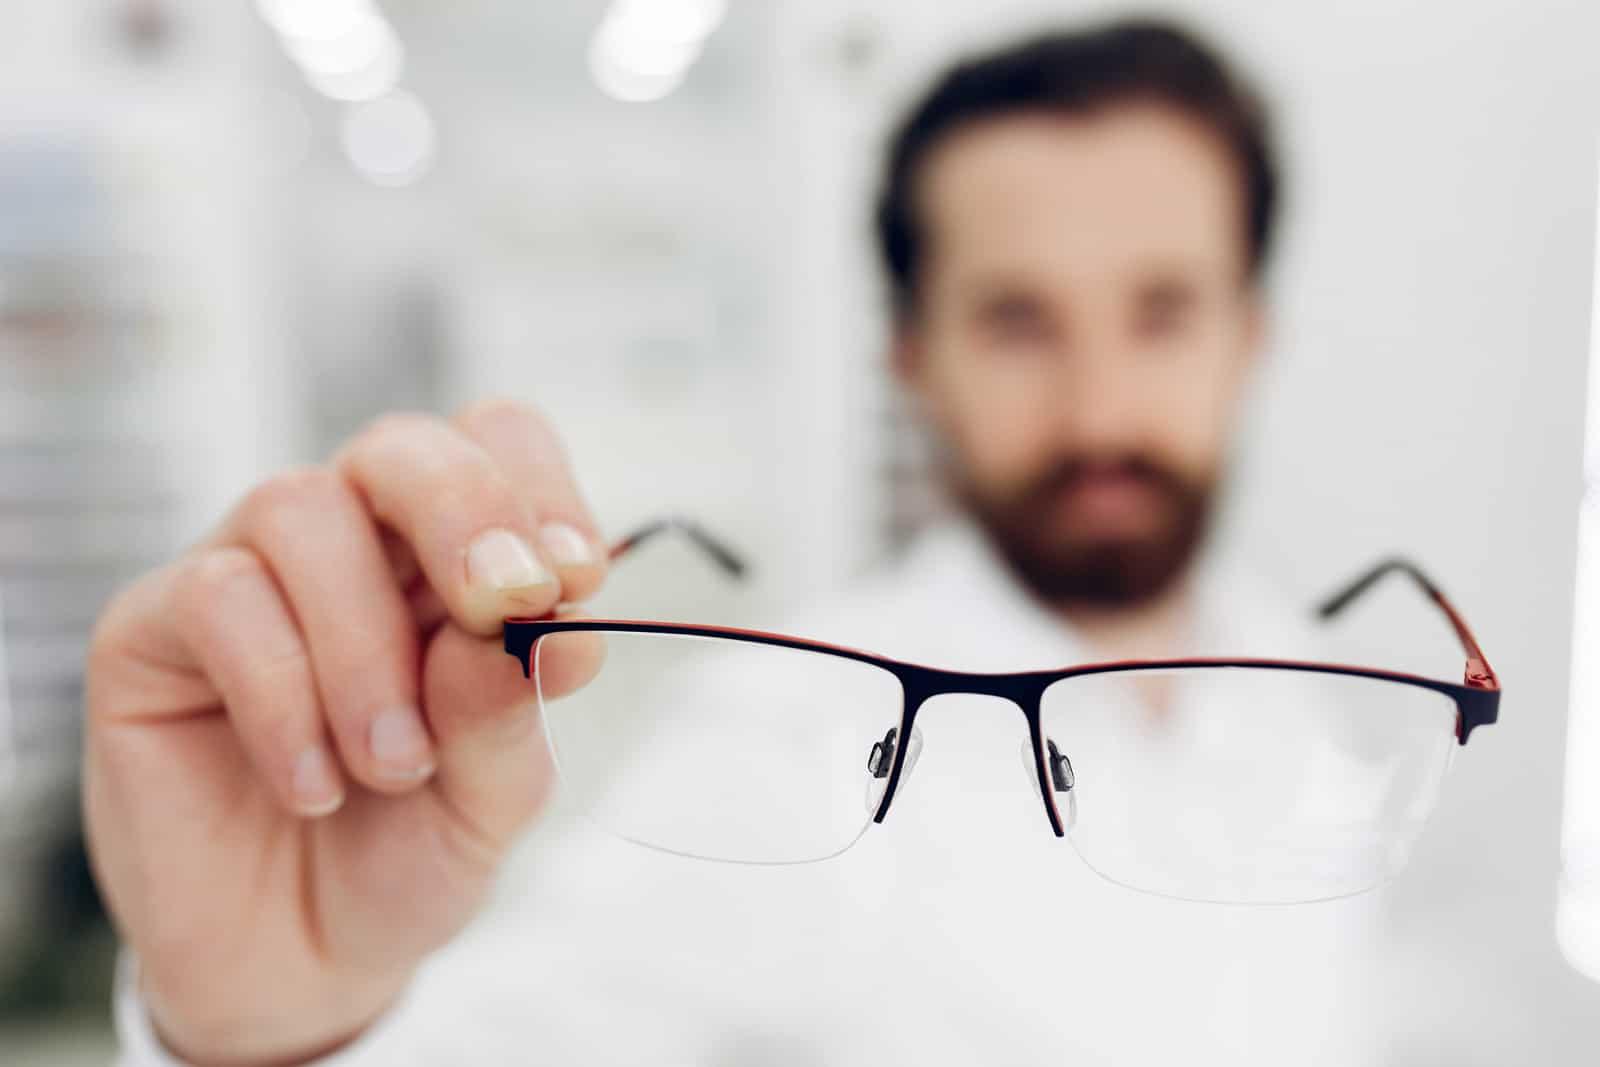 amikor a látásbeli különbség hogyan edzik az indiánok a szemüket